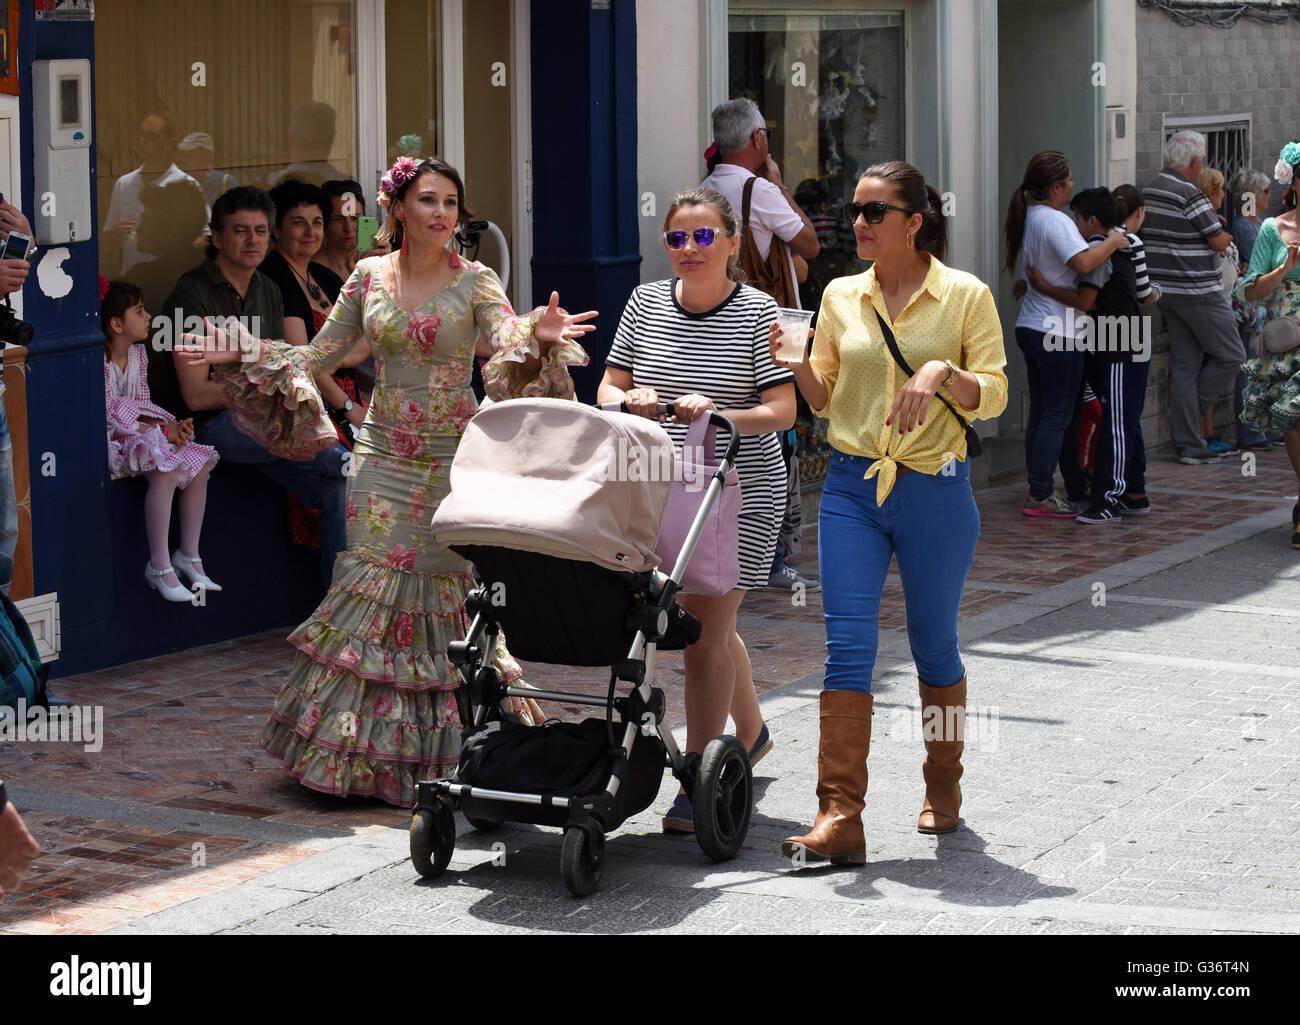 Interessanti le donne in costume tradizionale a San Isidro festival fiesta in Nerja Andalusia Spagna Immagini Stock